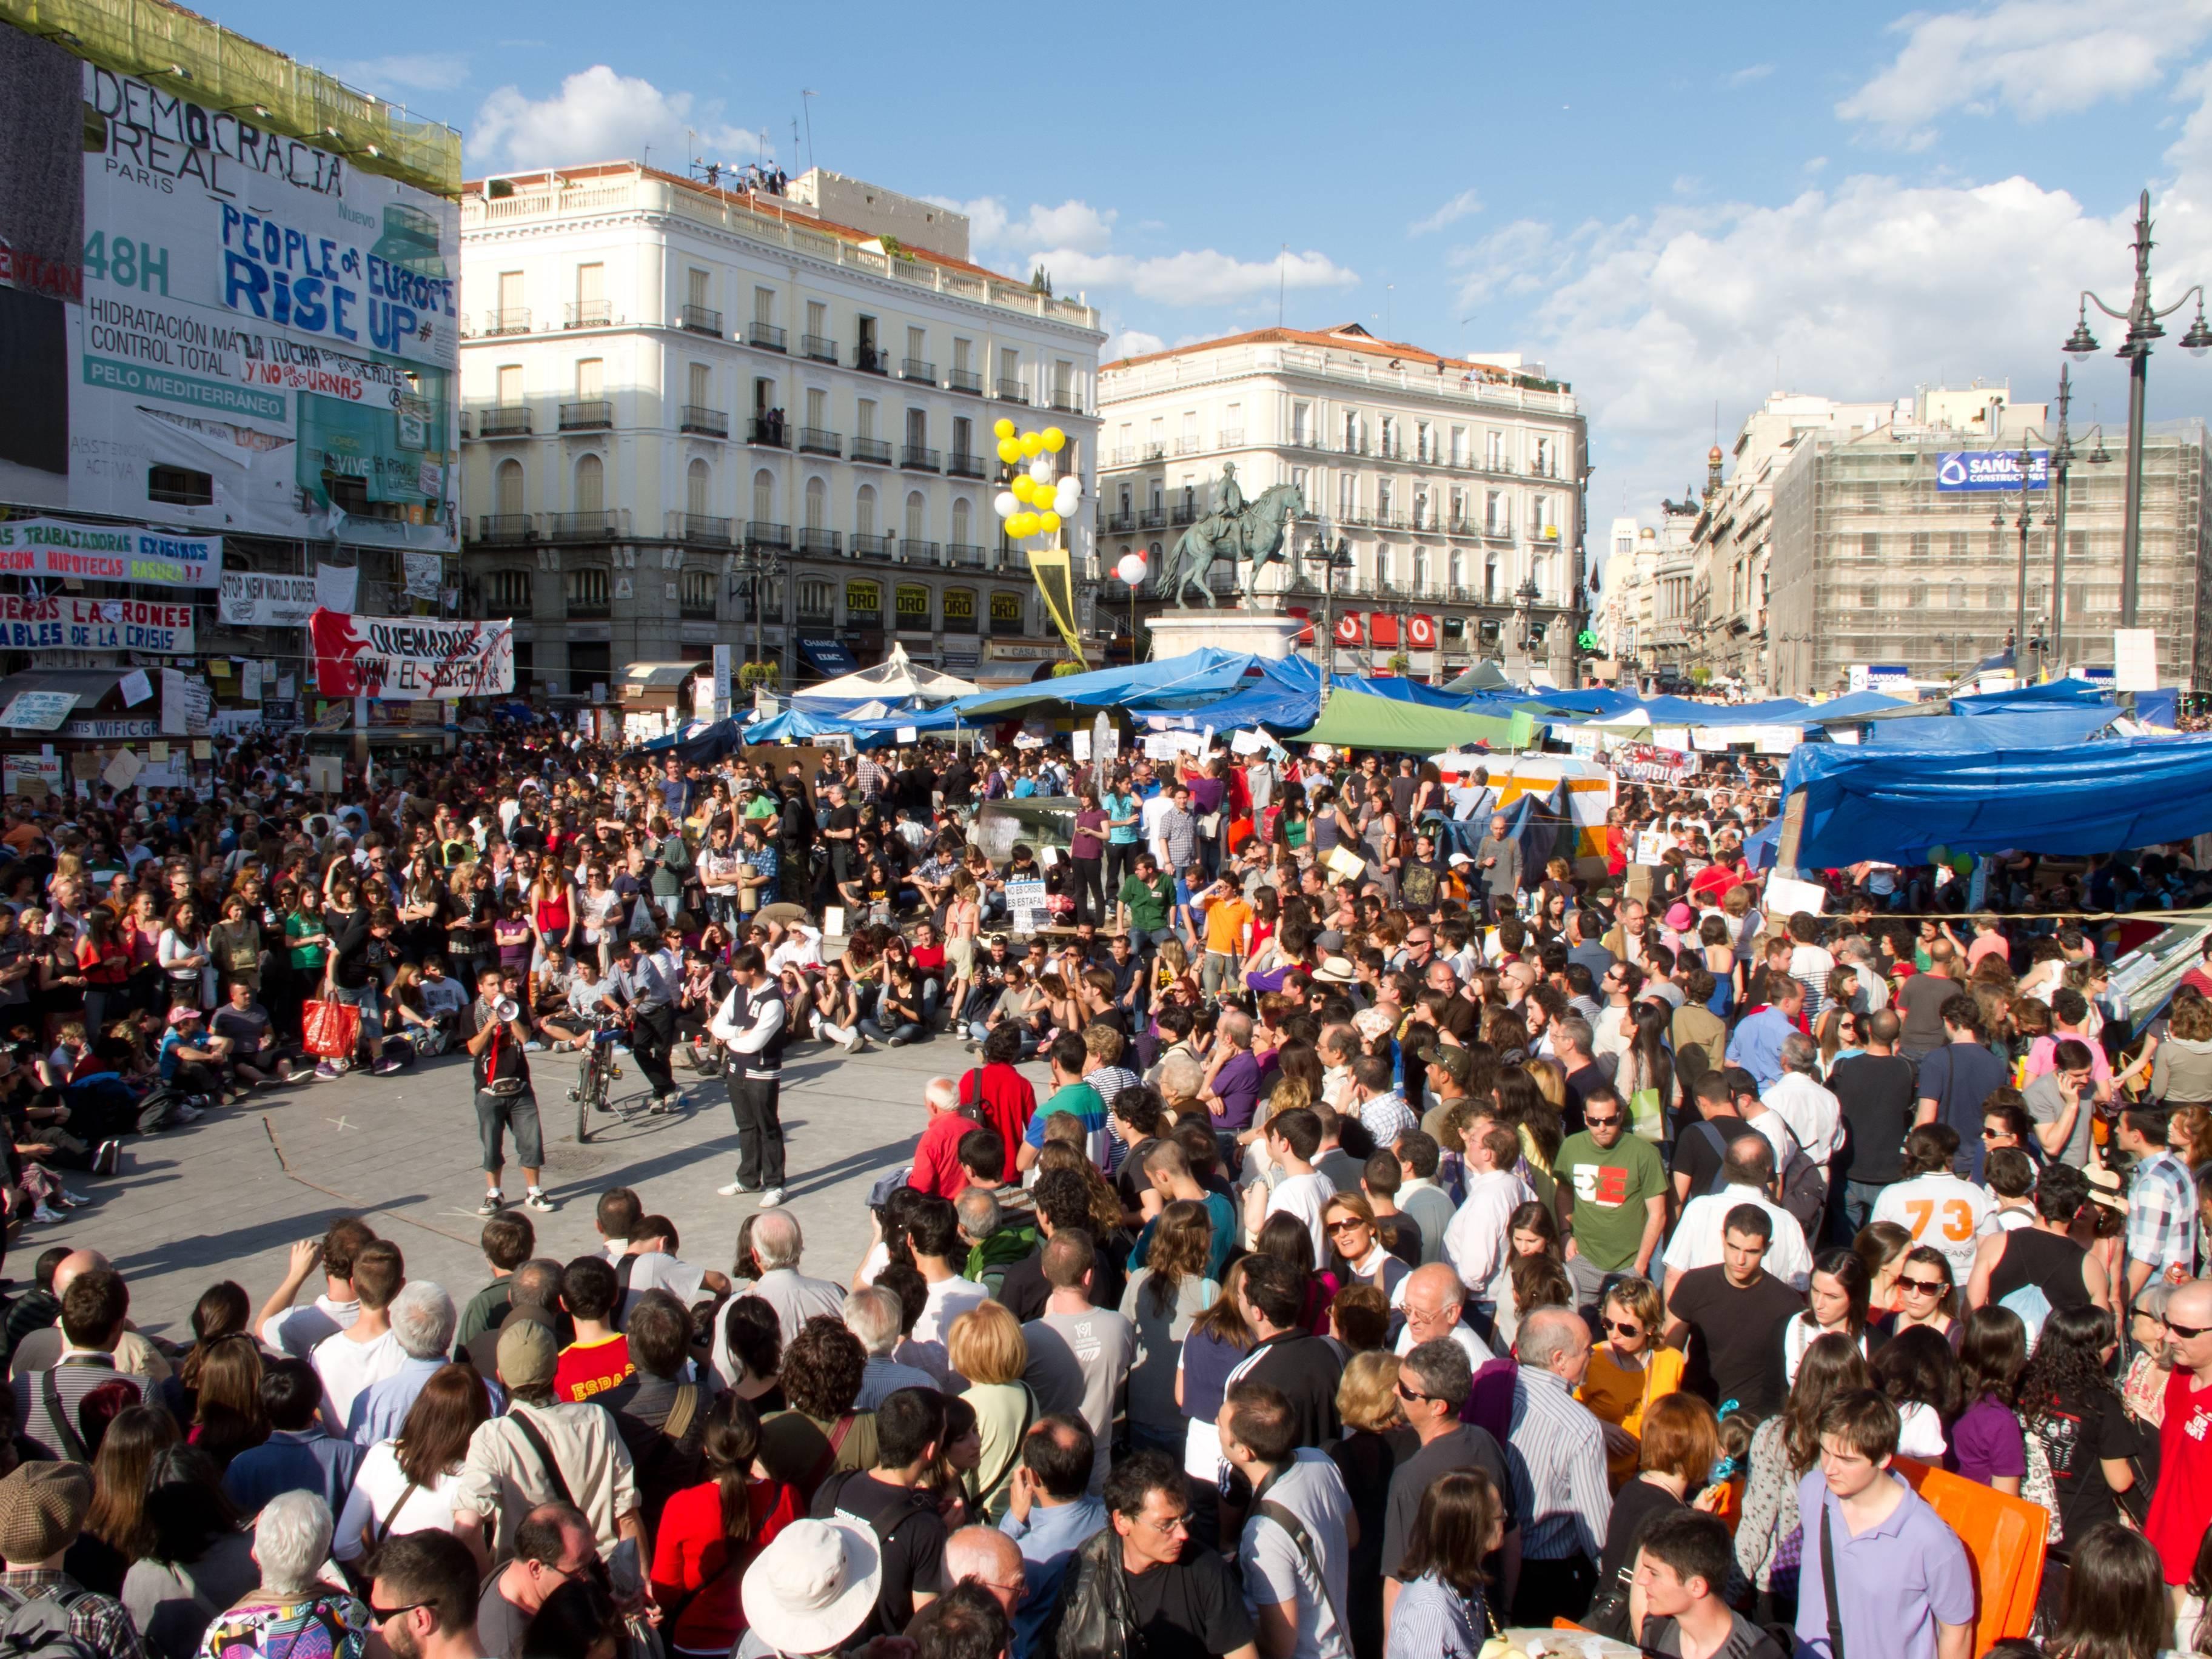 Protestas_Puerta_del_Sol_-_Madrid_-_mayo_2011_-_01